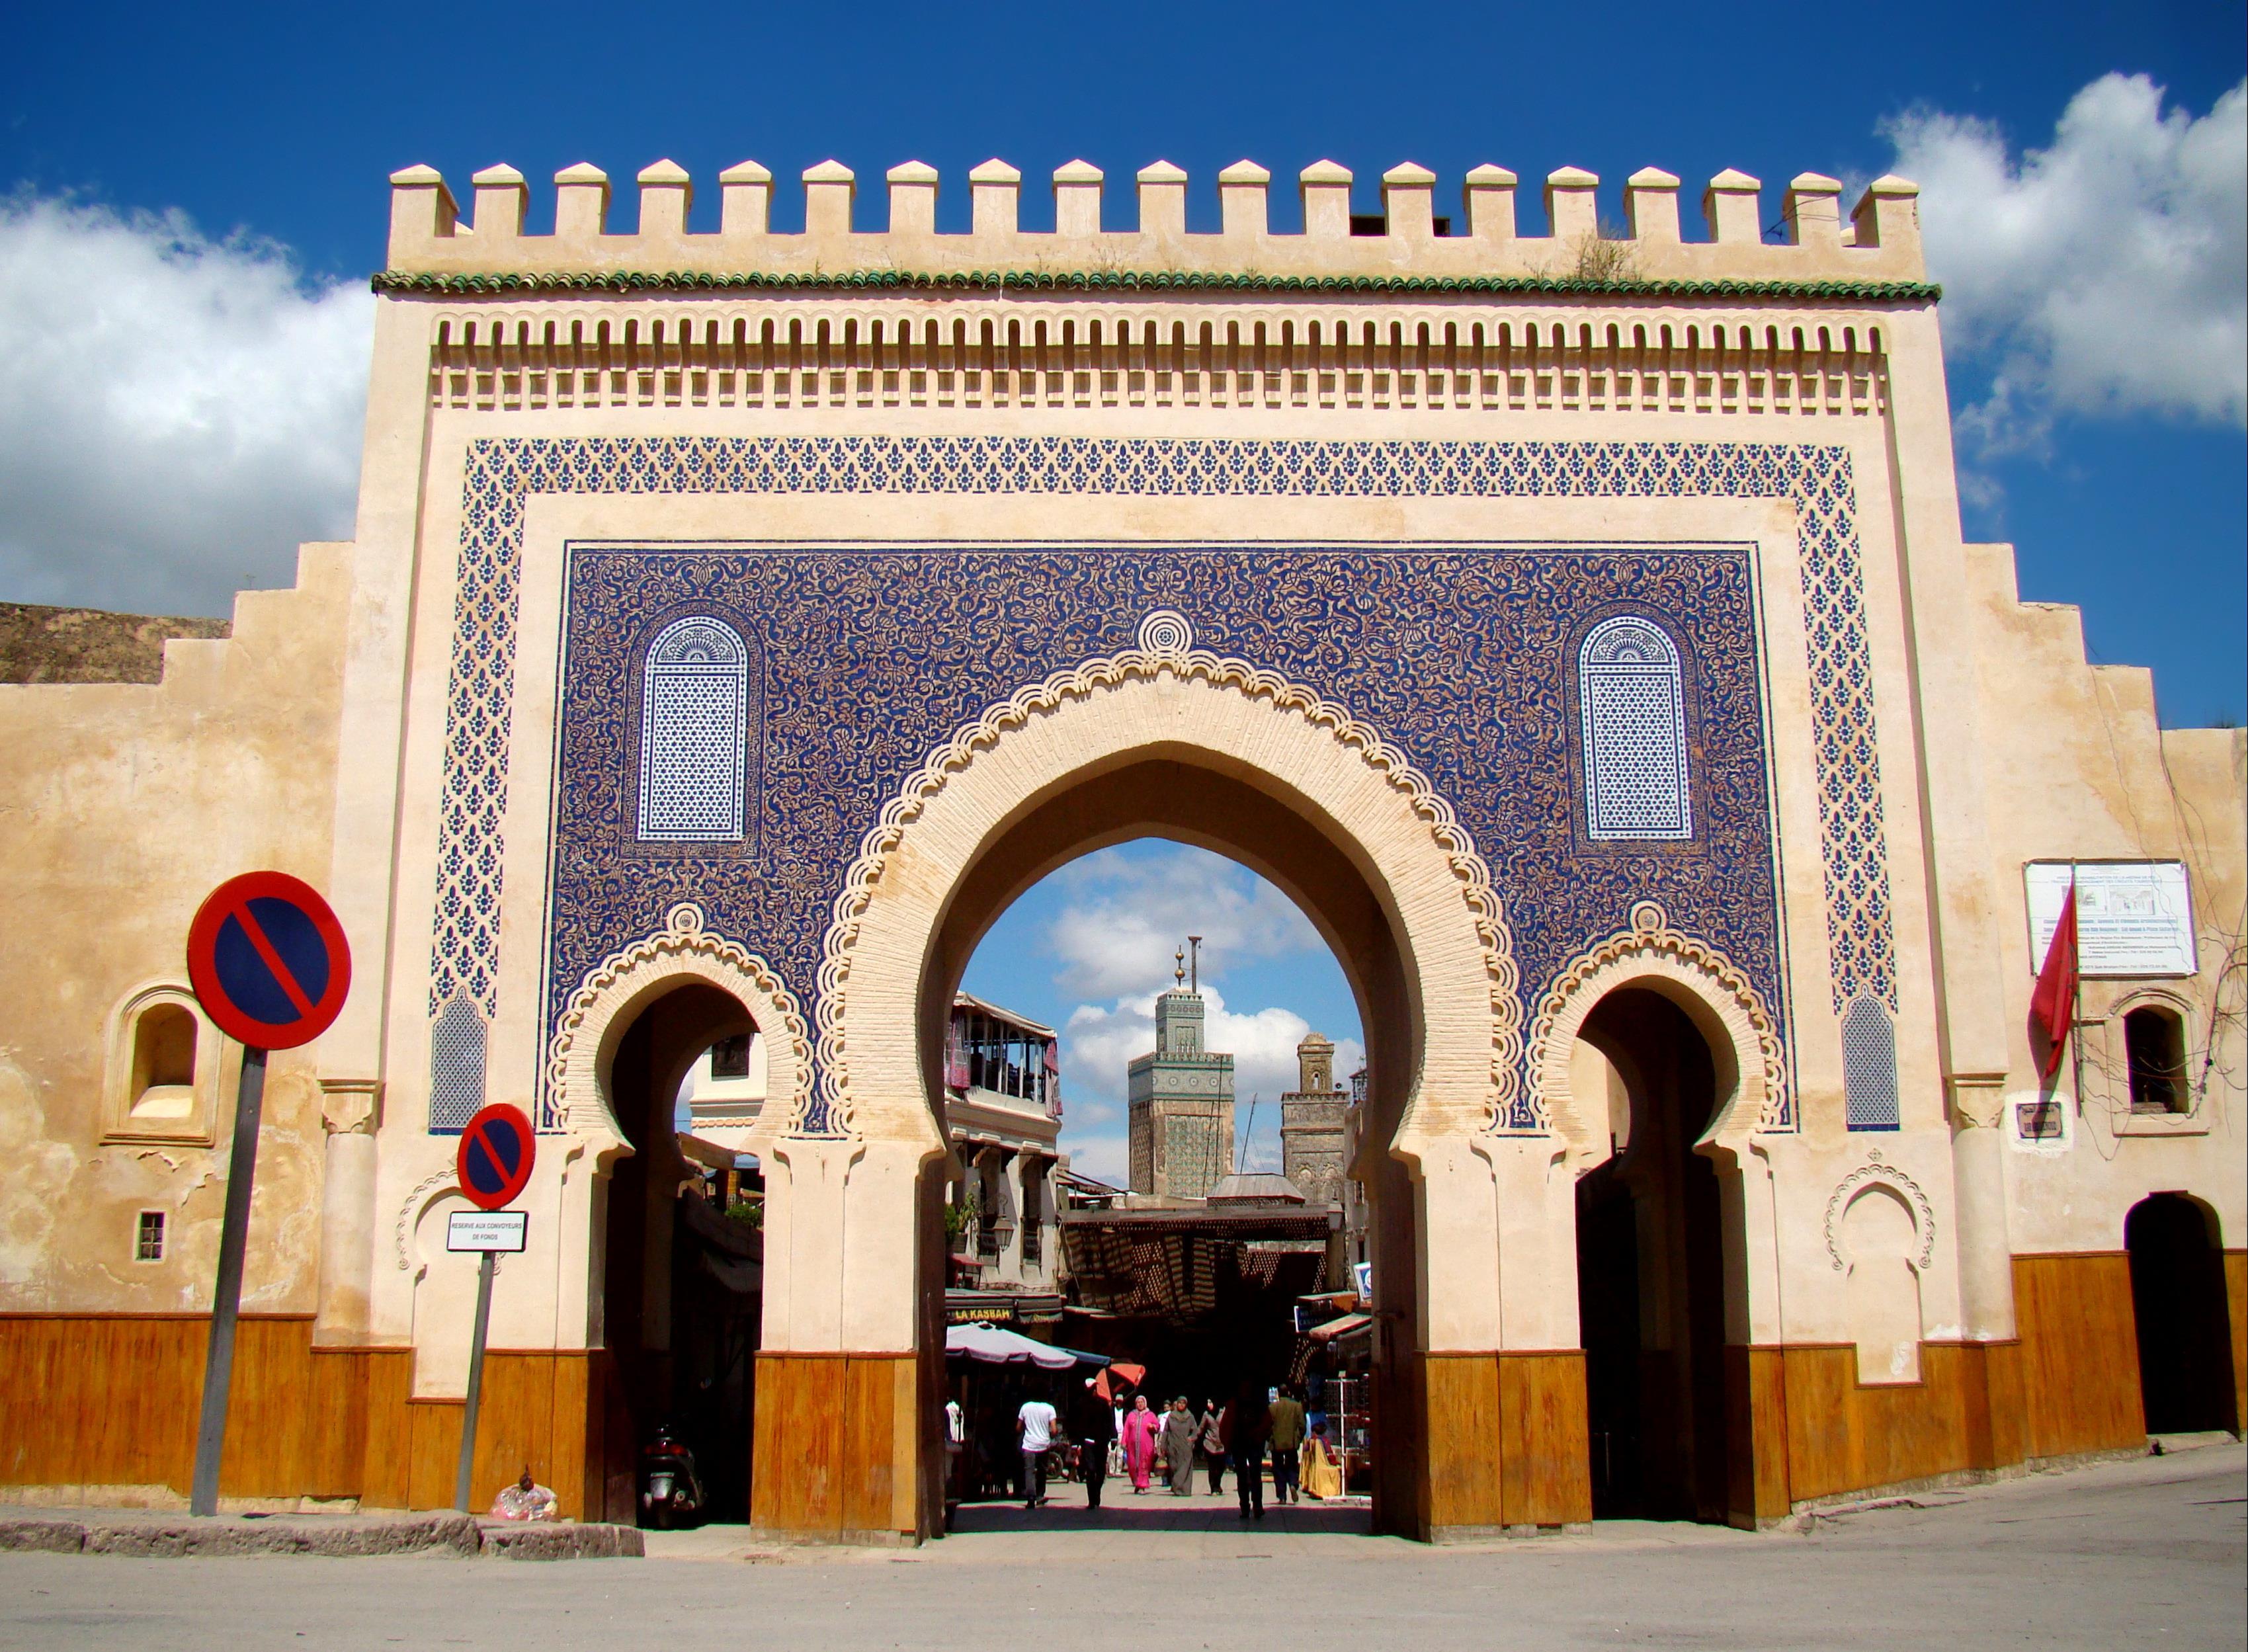 الدورة الـ 25 لمهرجان فاس لسينما المدينة من 13 الى 16 أكتوبر